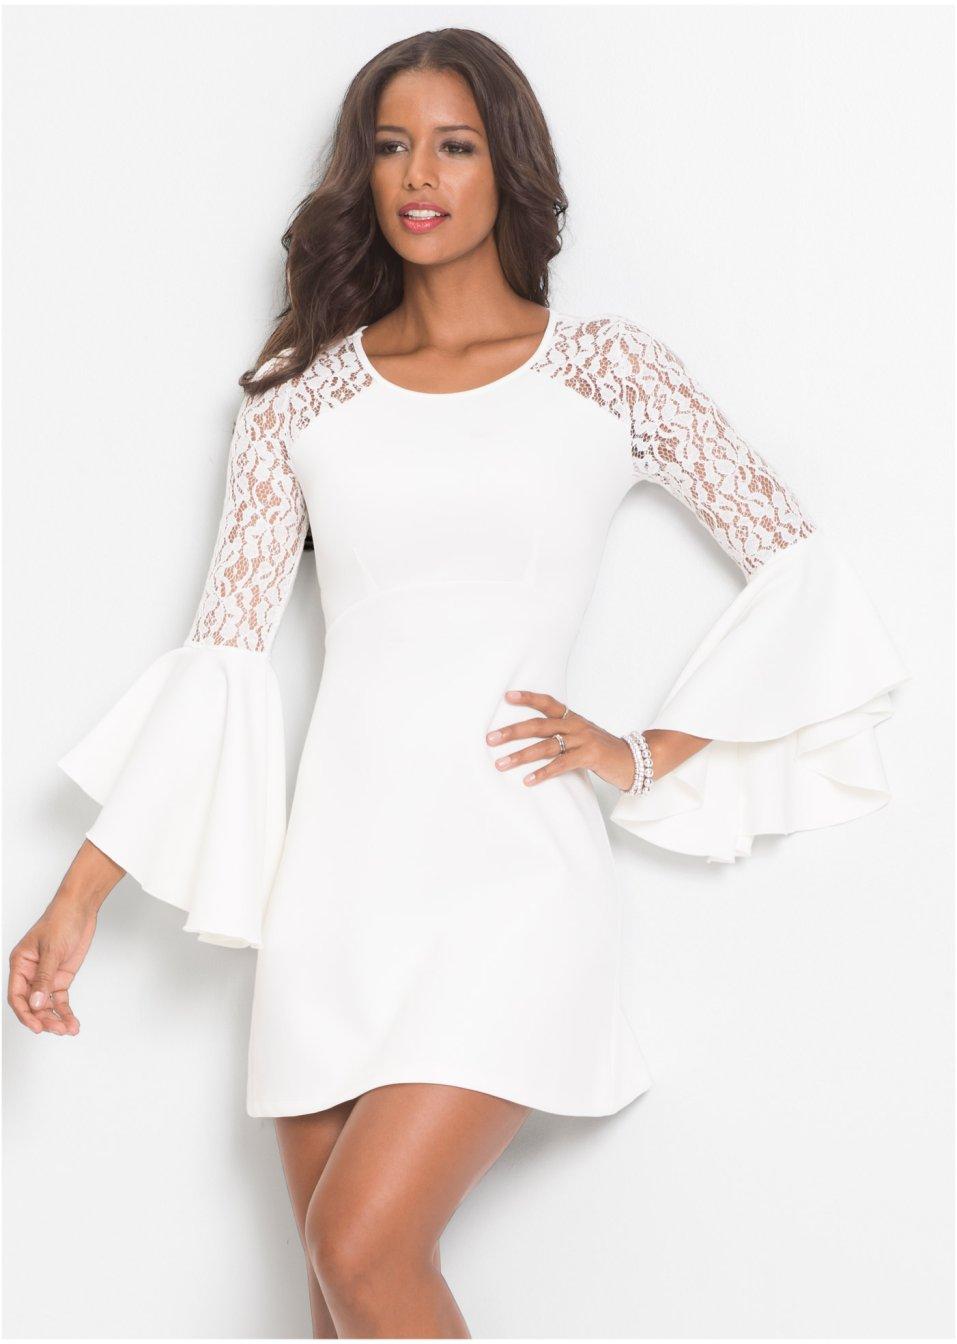 Klänning med volang och spets vit - Dam - BODYFLIRT boutique - bonprix.se 82f53a53396ac